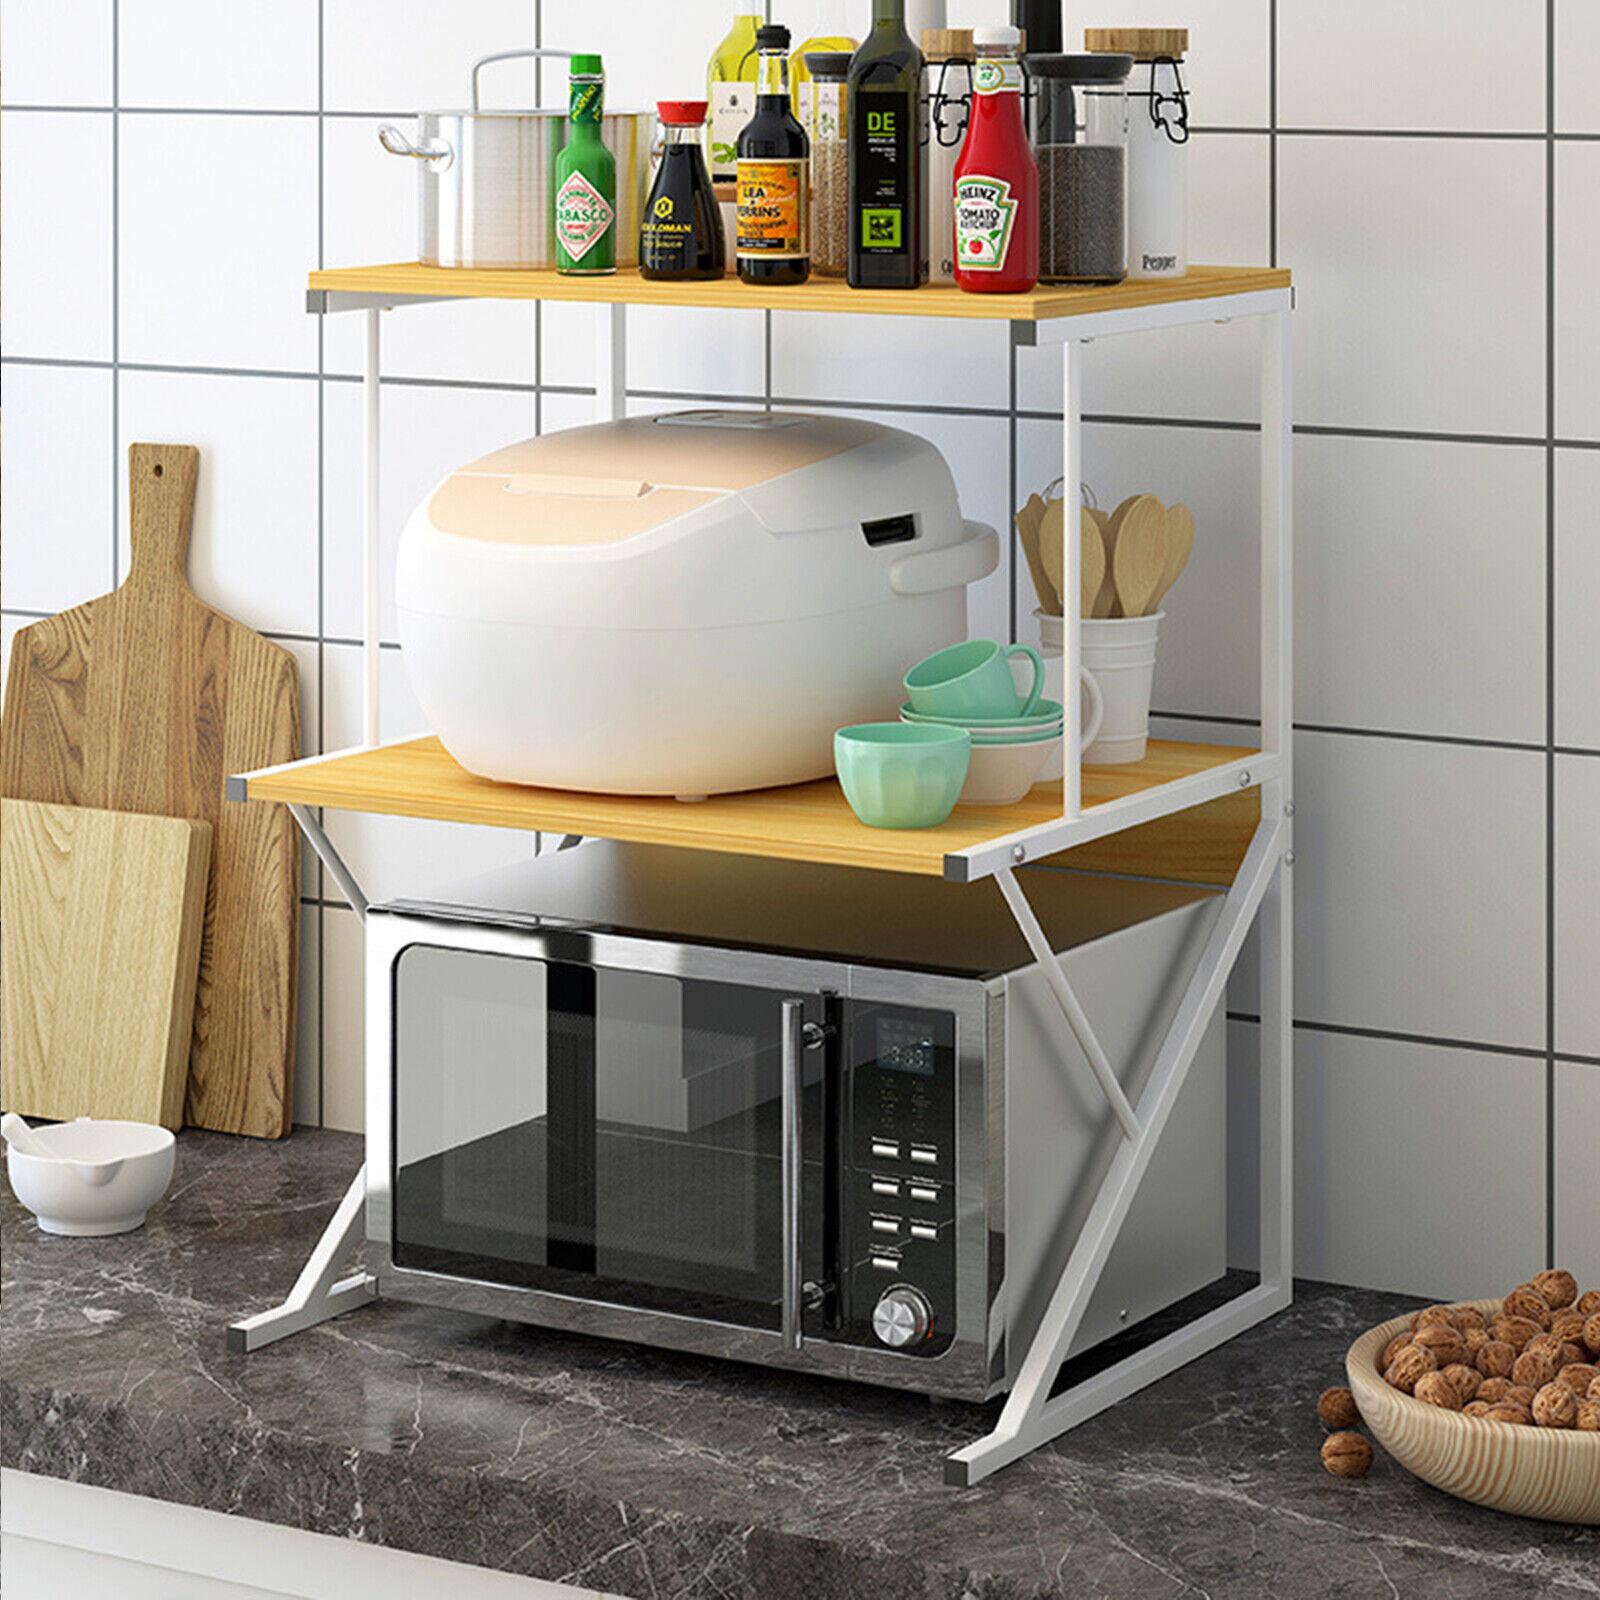 2 Tier Kitchen Corner Shelf Microwave Oven Rack Stand Condiment Storage Cabinet Ebay